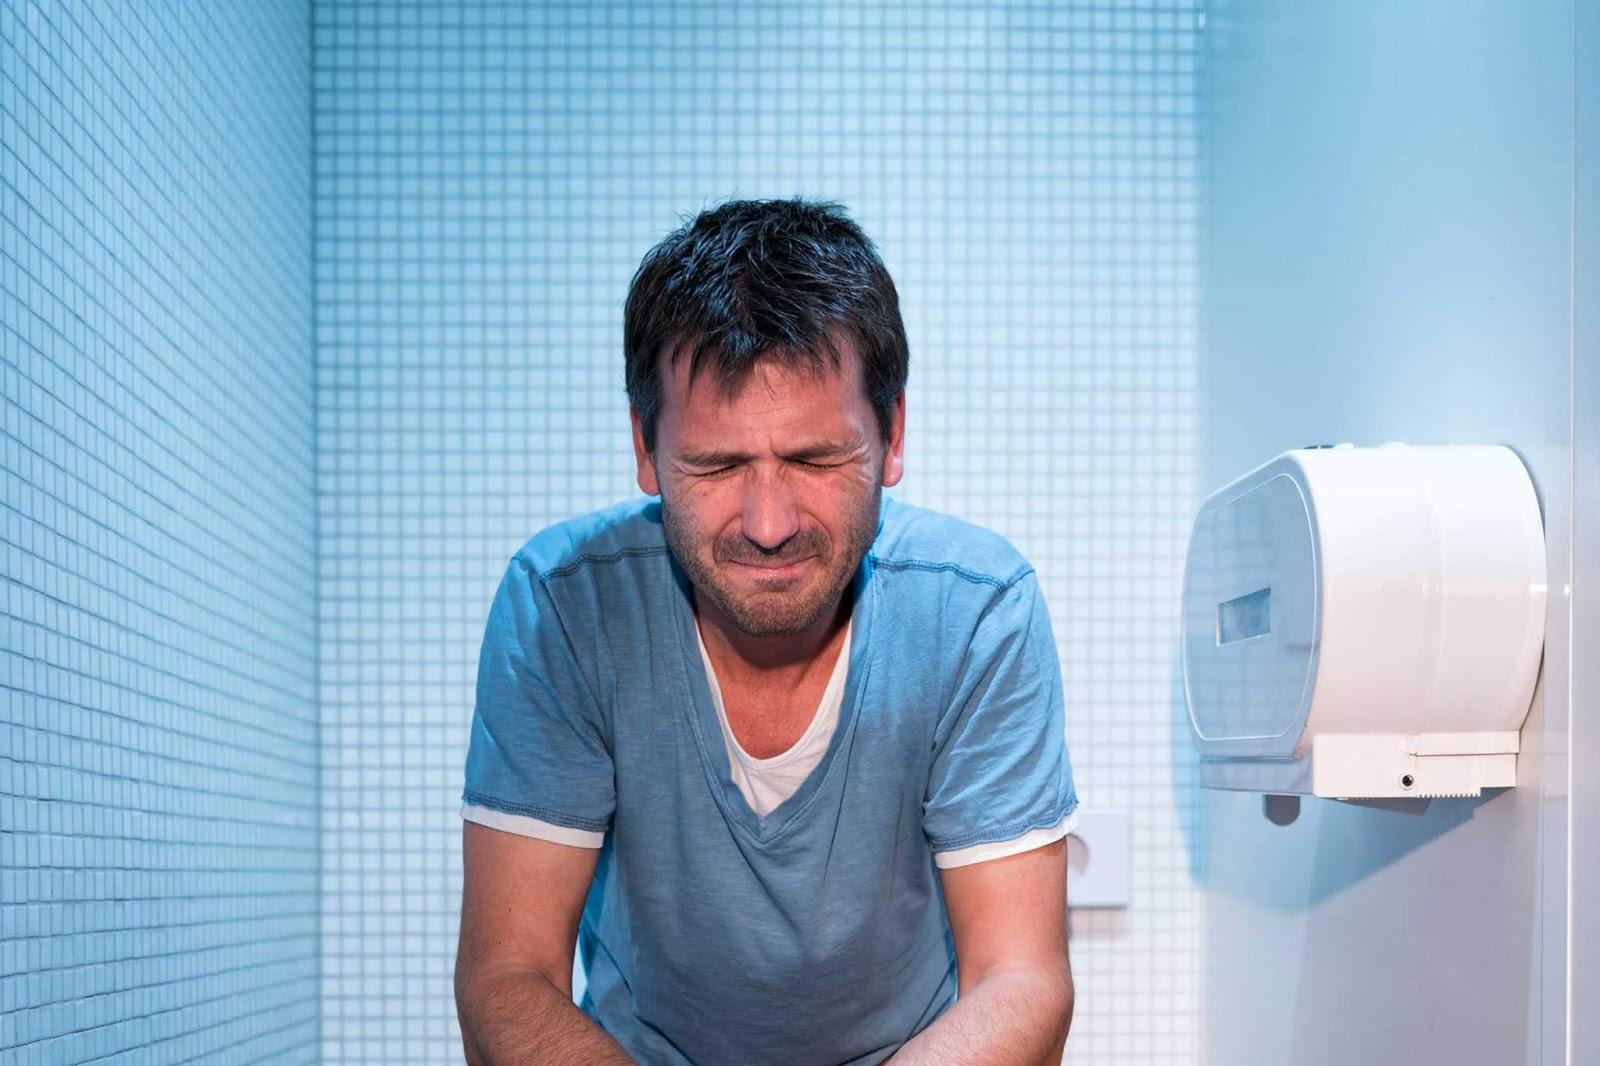 pooping, poop, feces